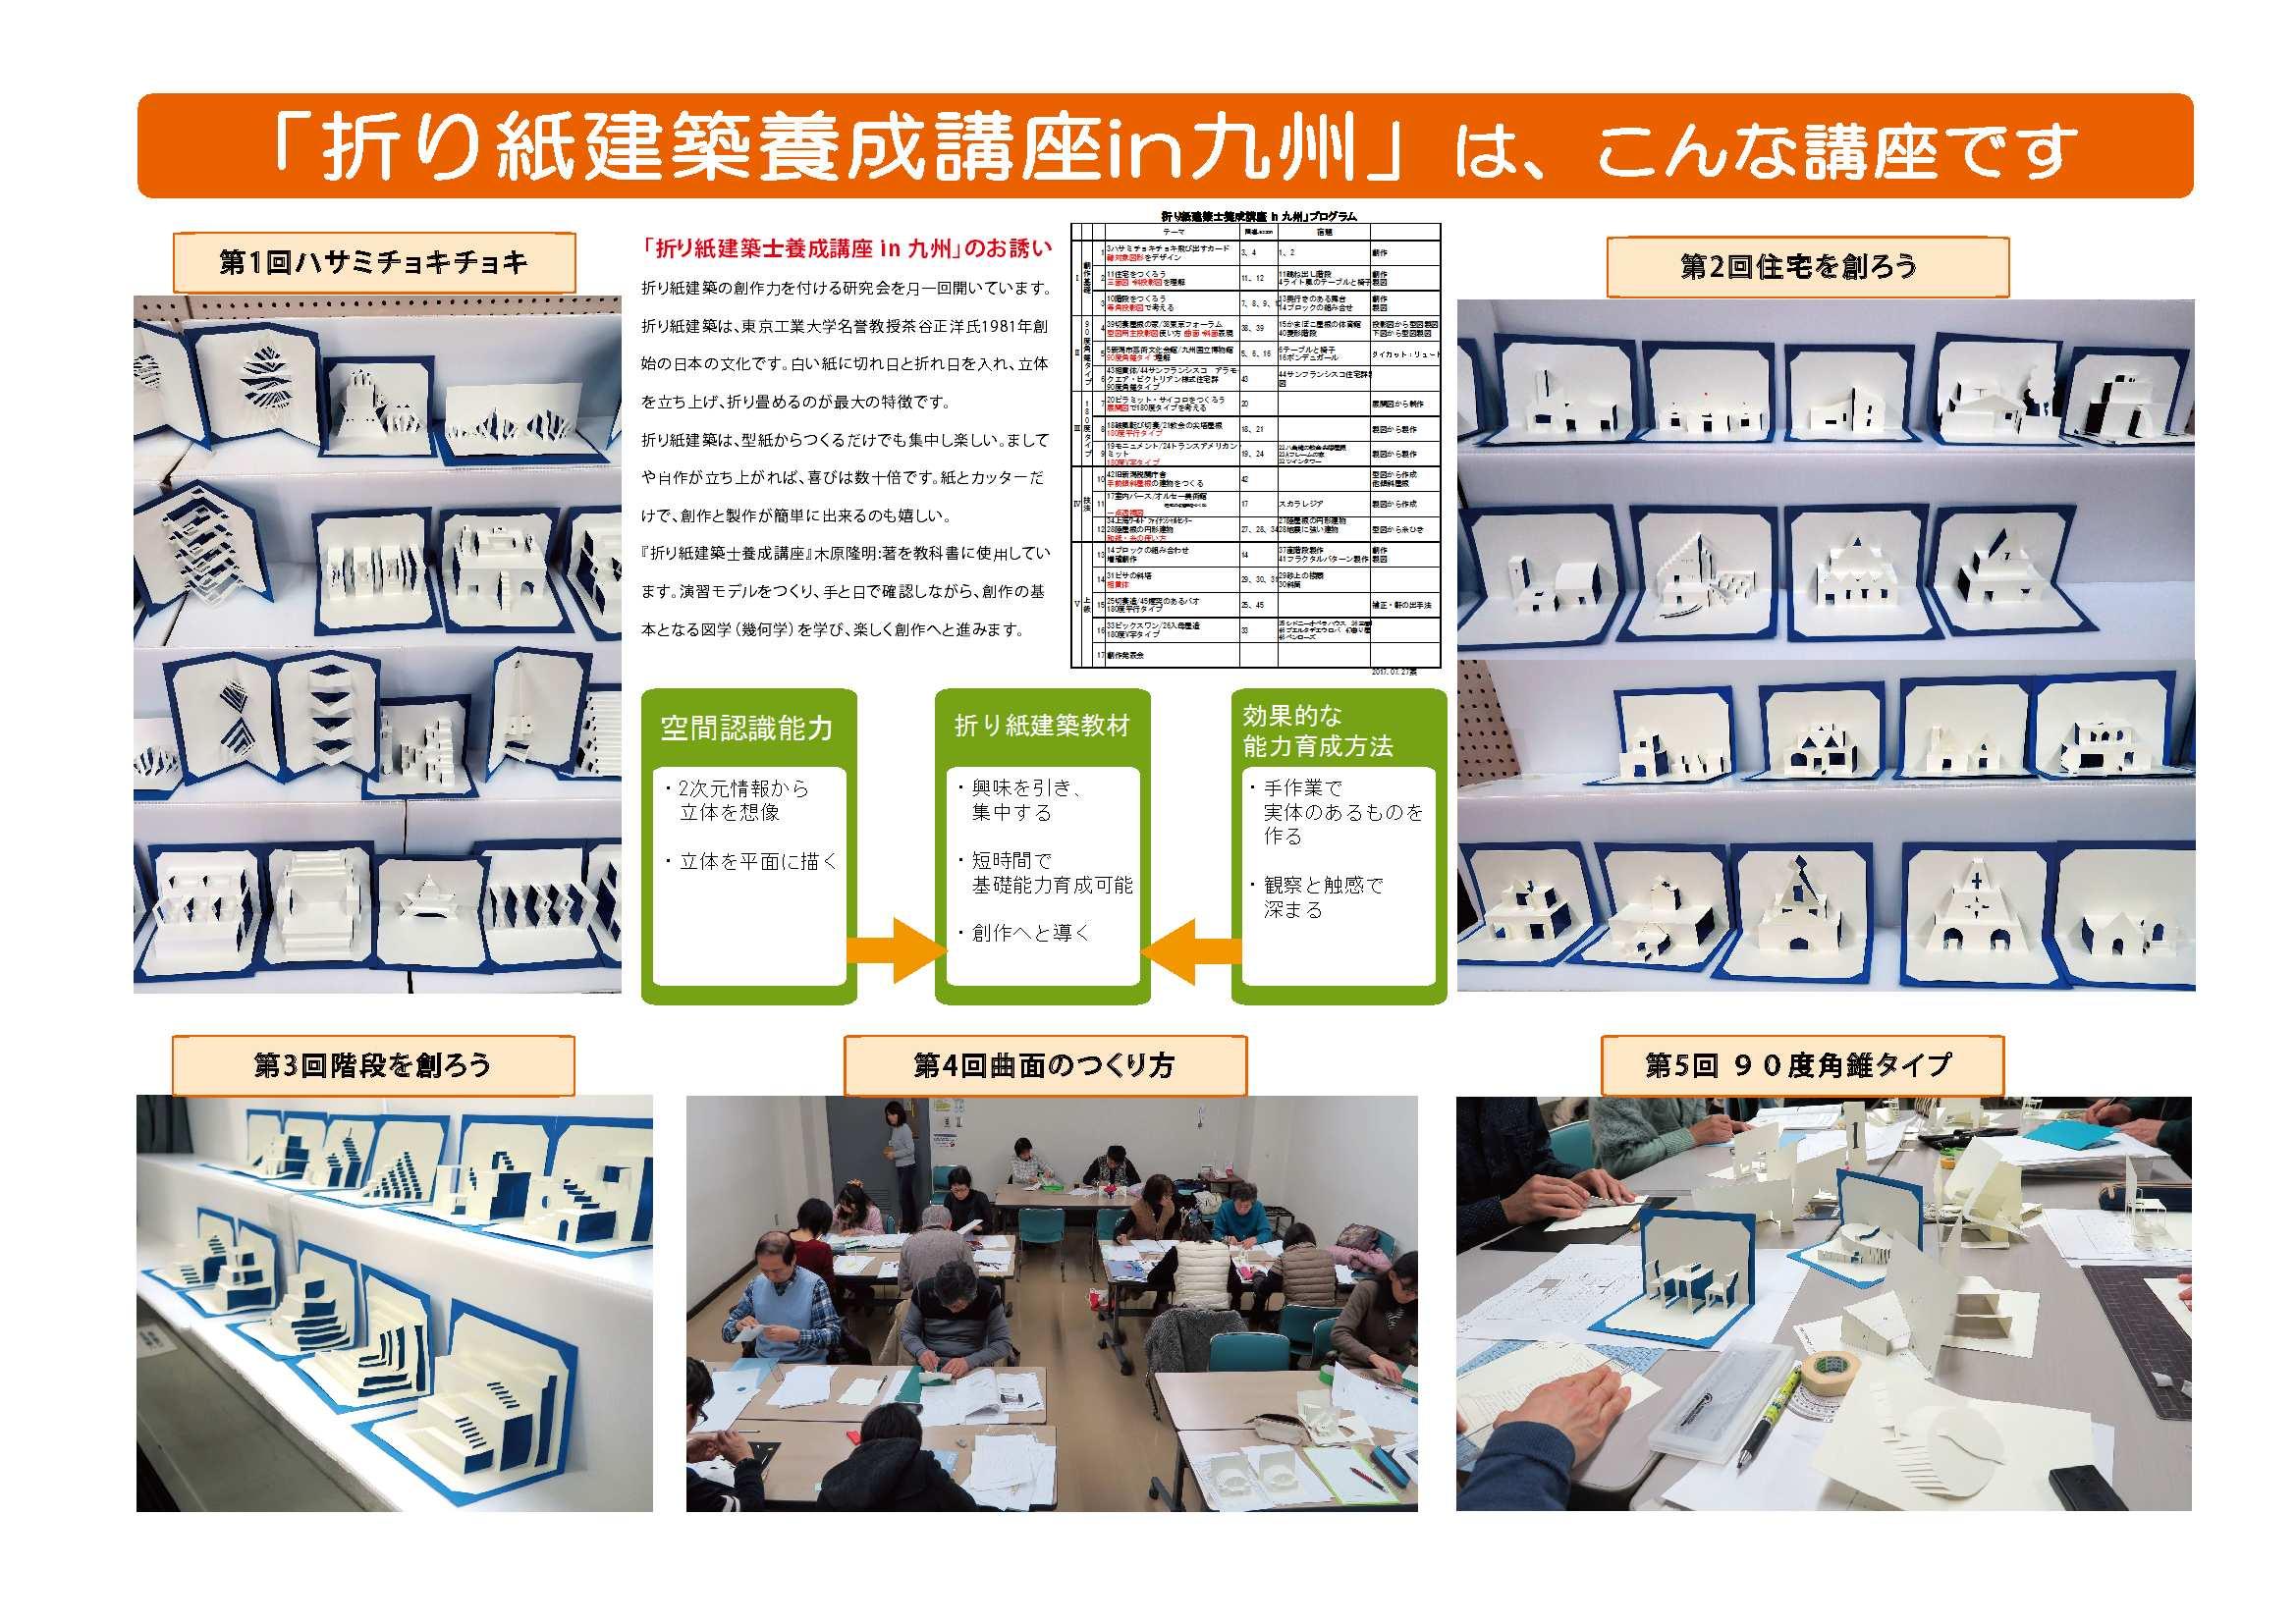 「折り紙建築士養成講座 in 九州」パネル